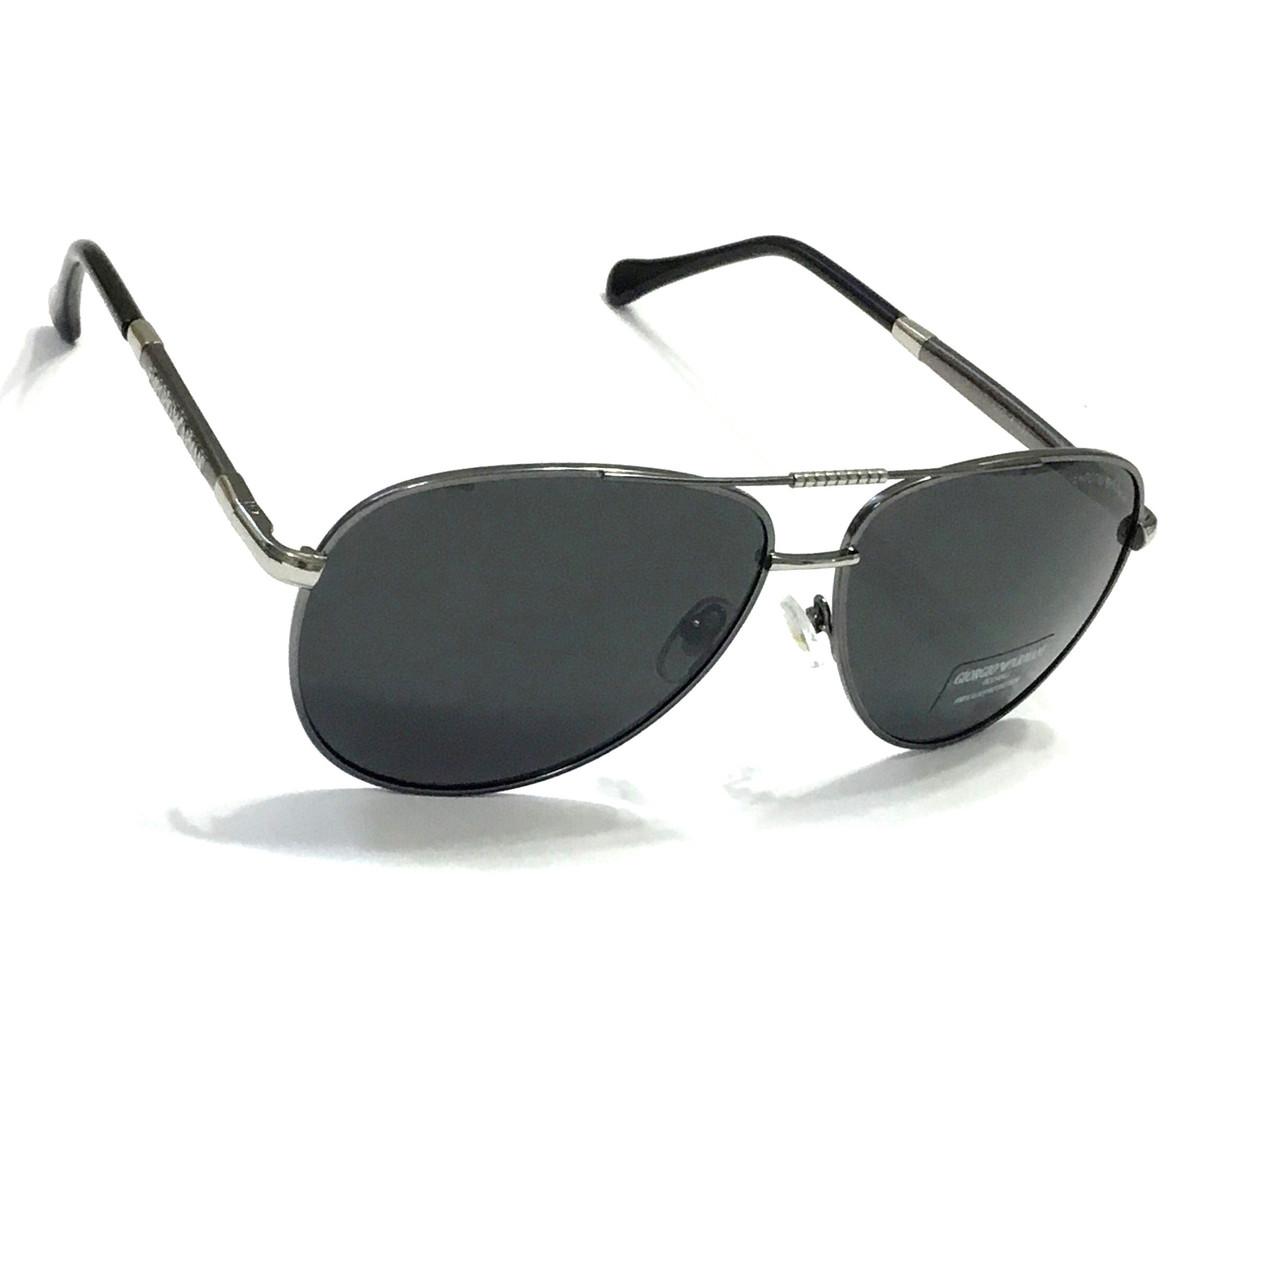 Чоловічі сонцезахисні окуляри з полароїдної лінзою GA 3212